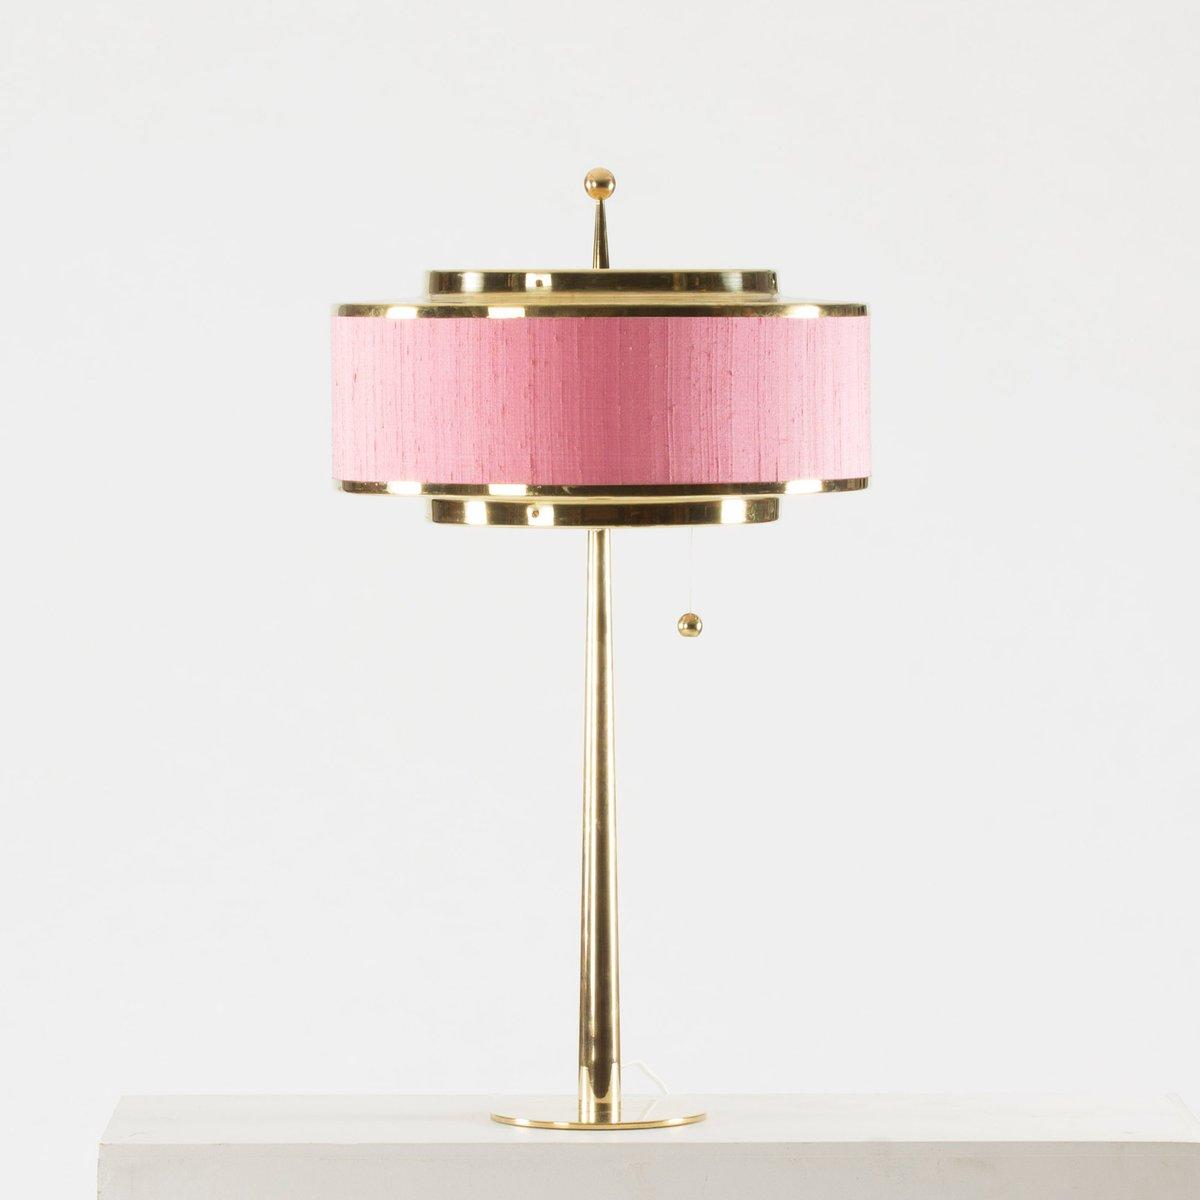 Messing Tischlampe von Hans-Agne Jakobsson